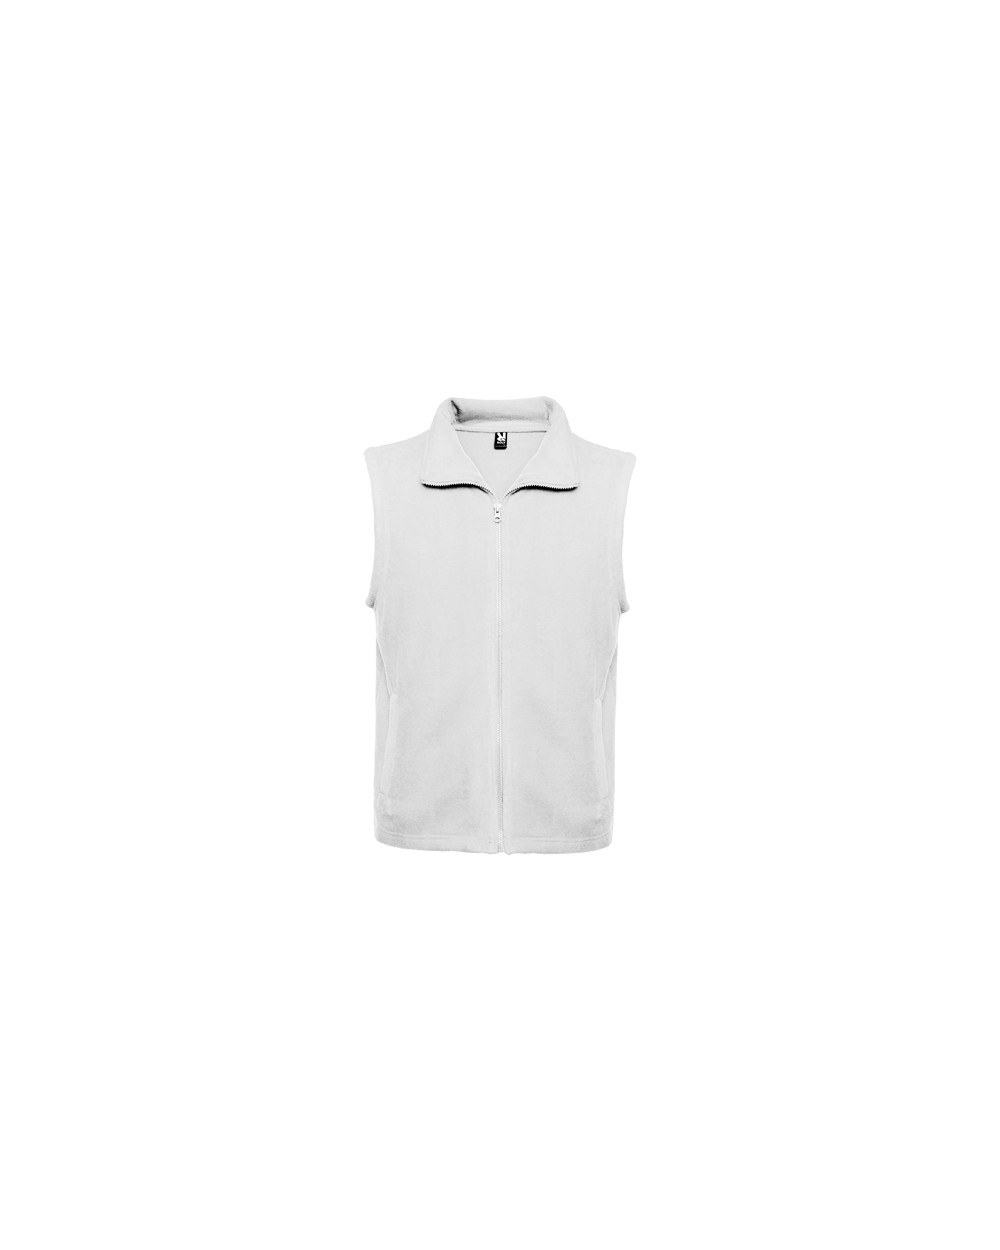 Chaleco polar con cuello alto y cremallera al tono. Detalle bolsillos laterales con cremallera al tono.